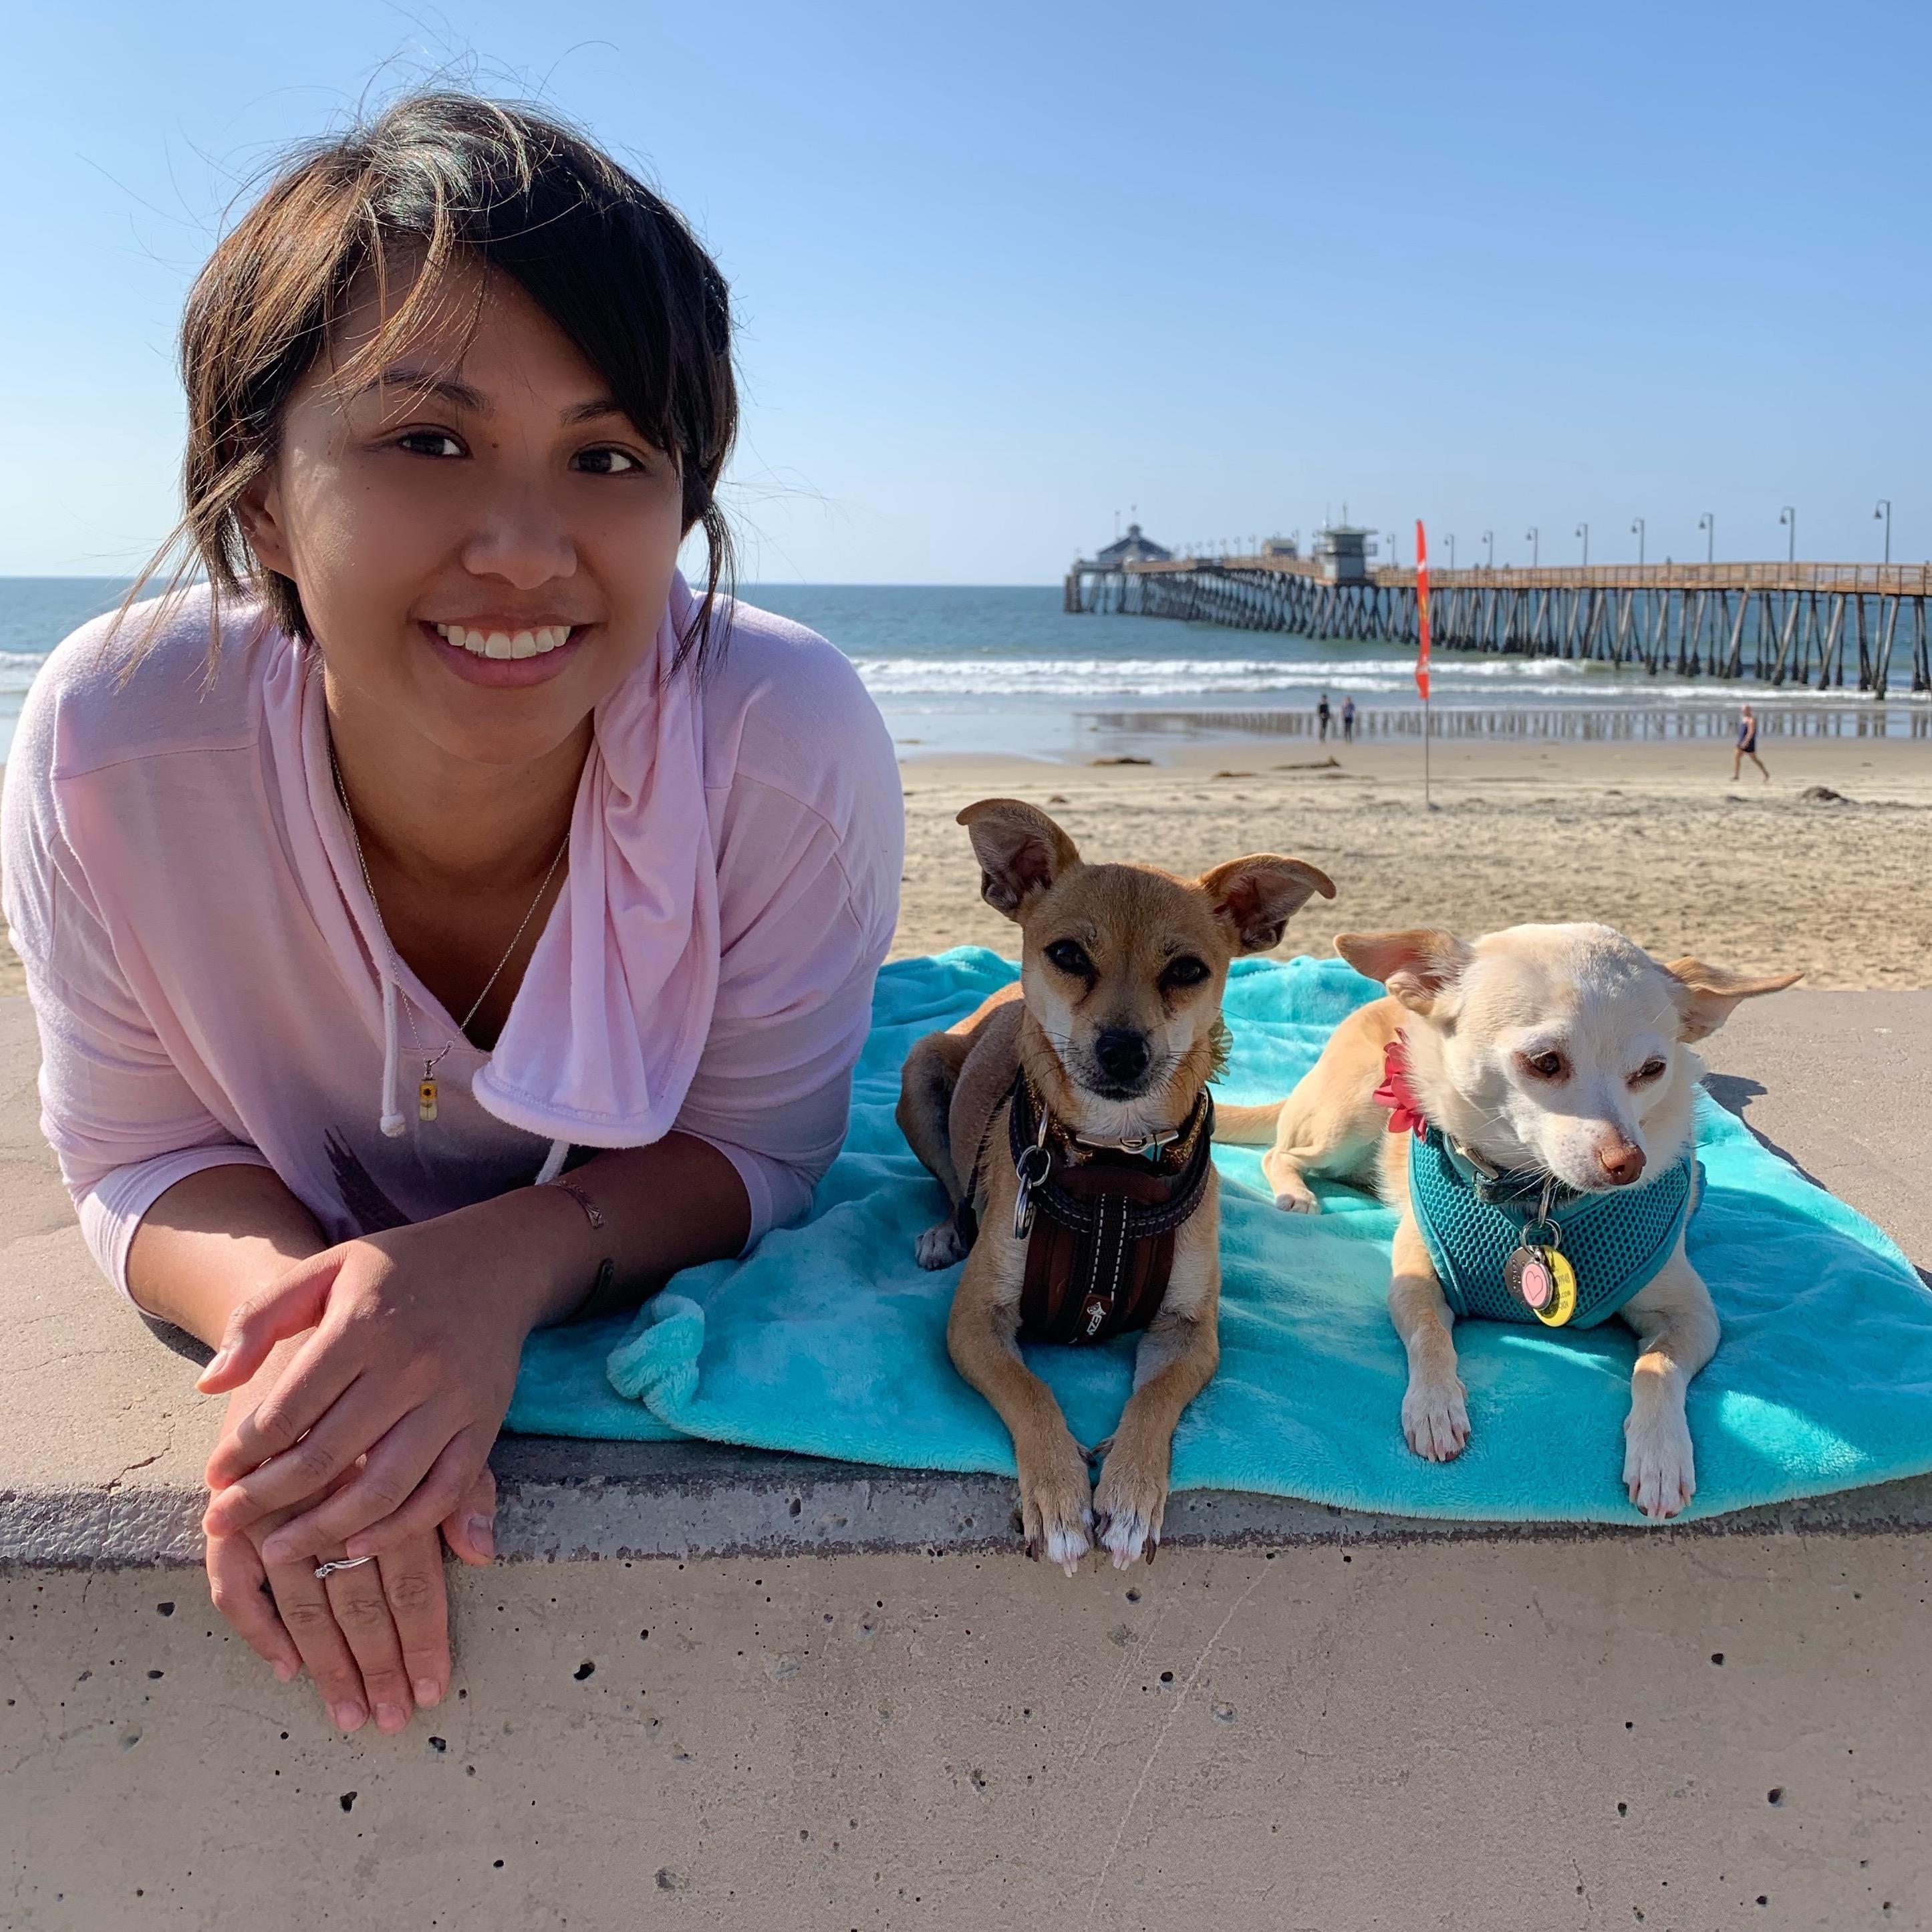 Danalitz's dog day care